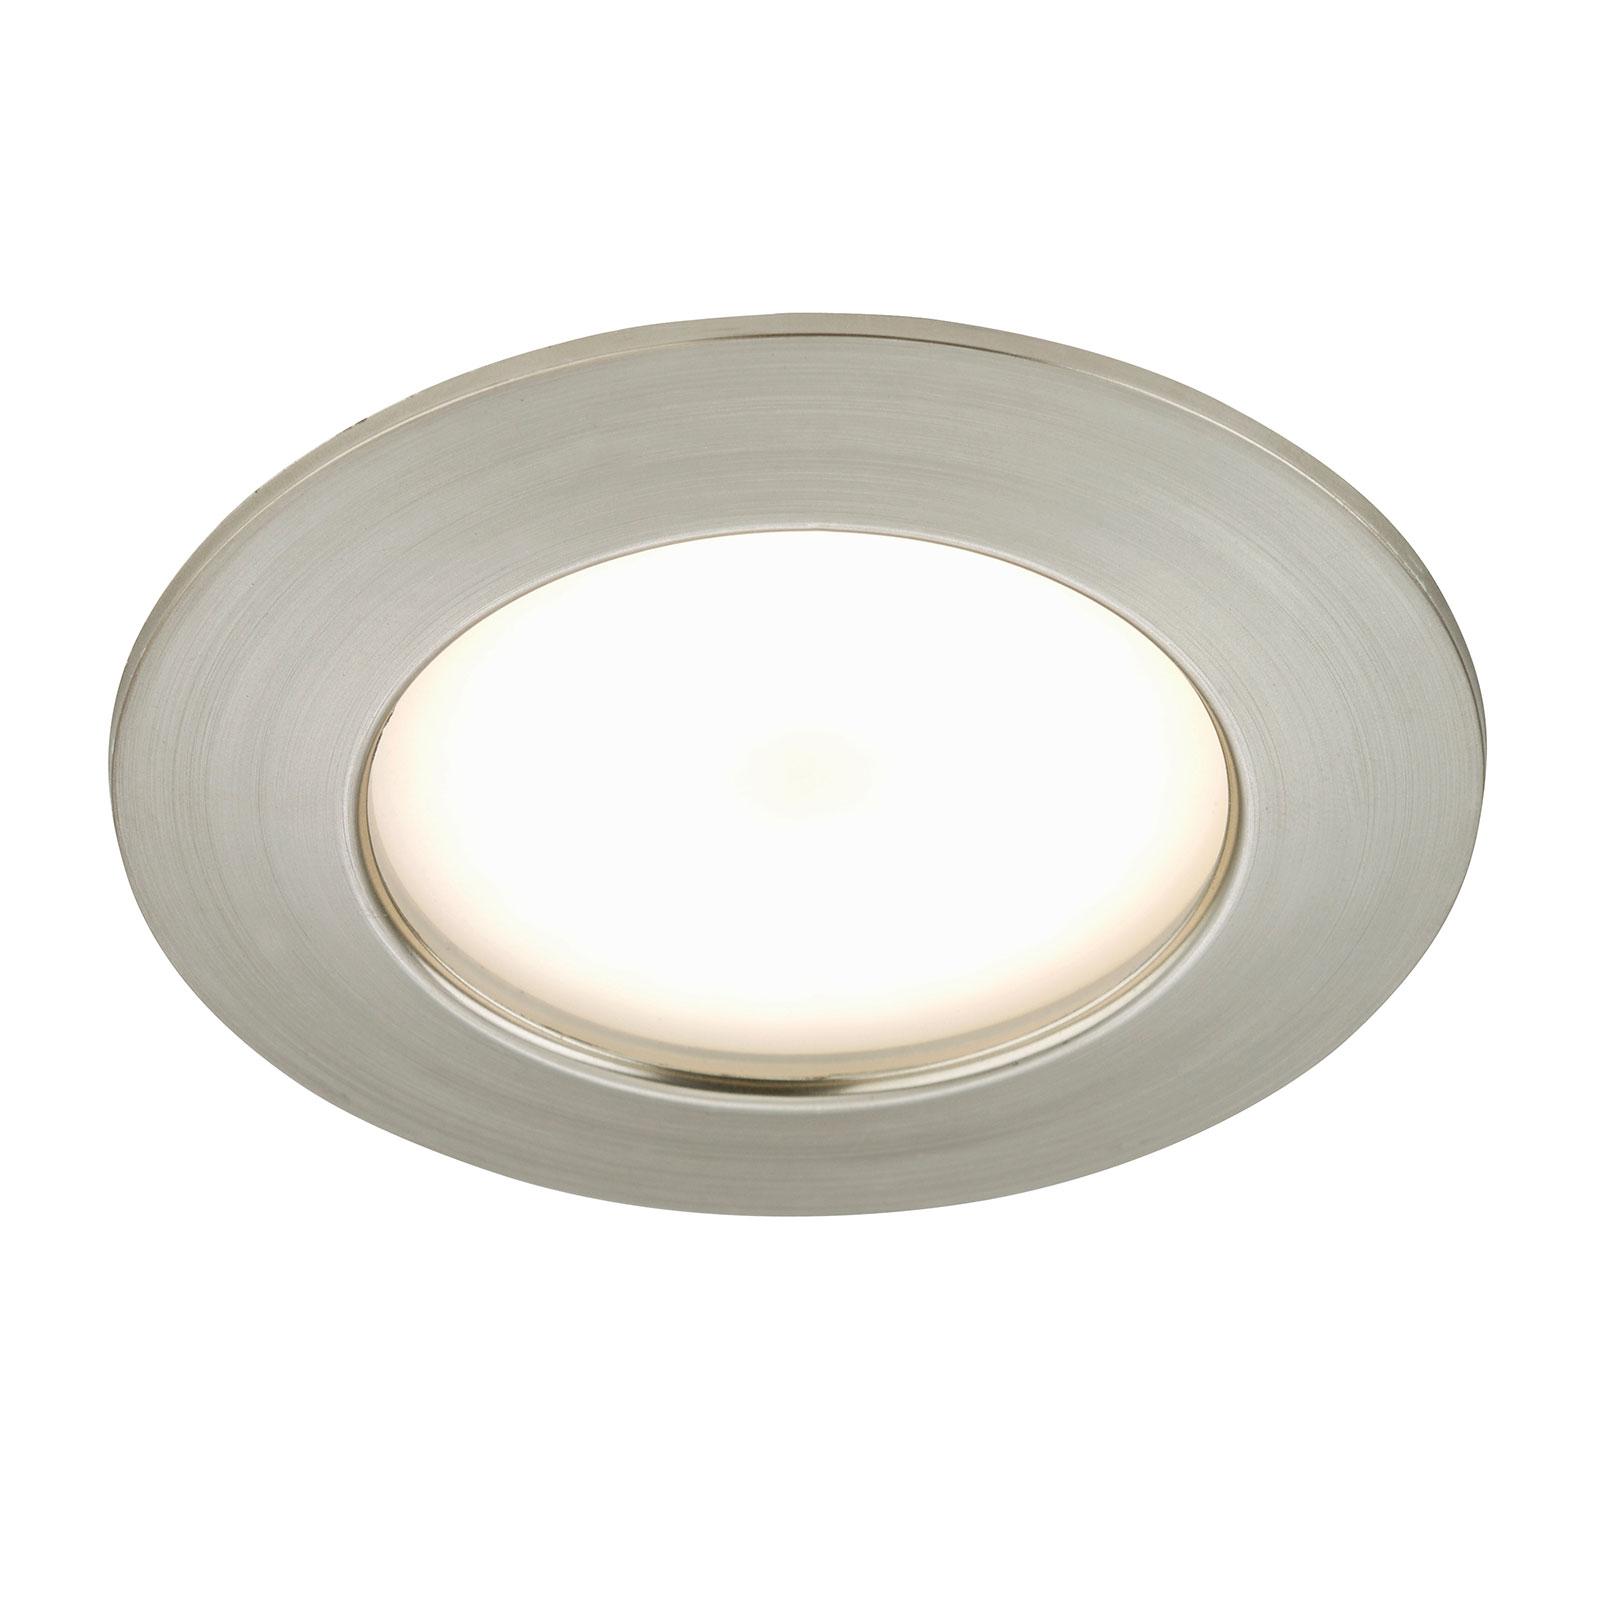 Carl - lámpara empotrada LED exterior, níquel mate